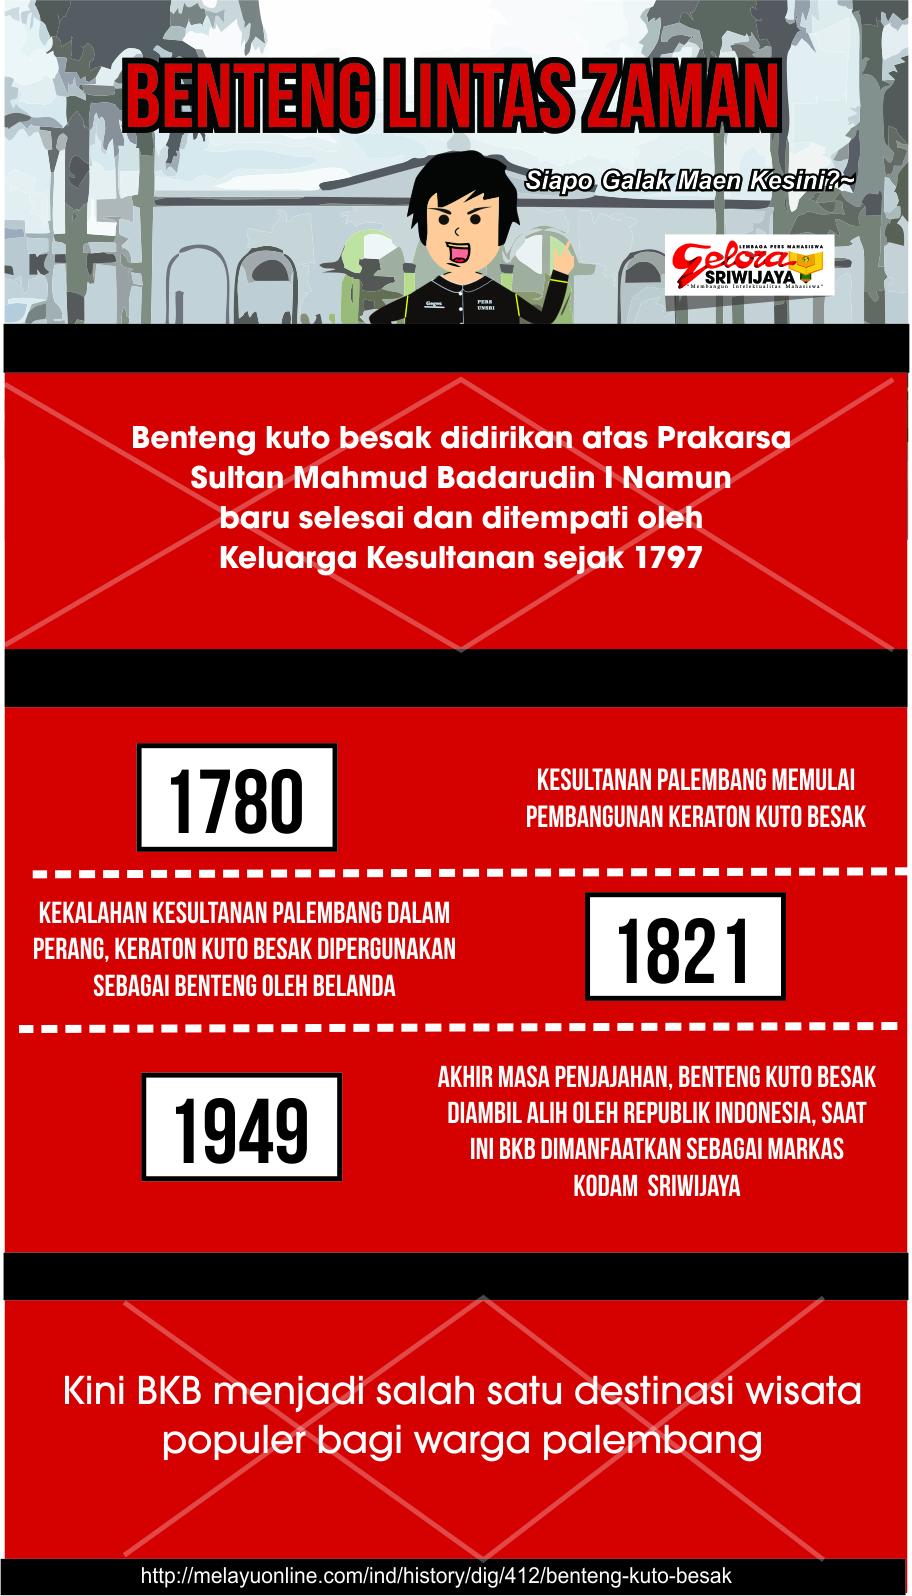 Infografis Benteng Kuto Besak Benteng Lintas Zaman GELORA